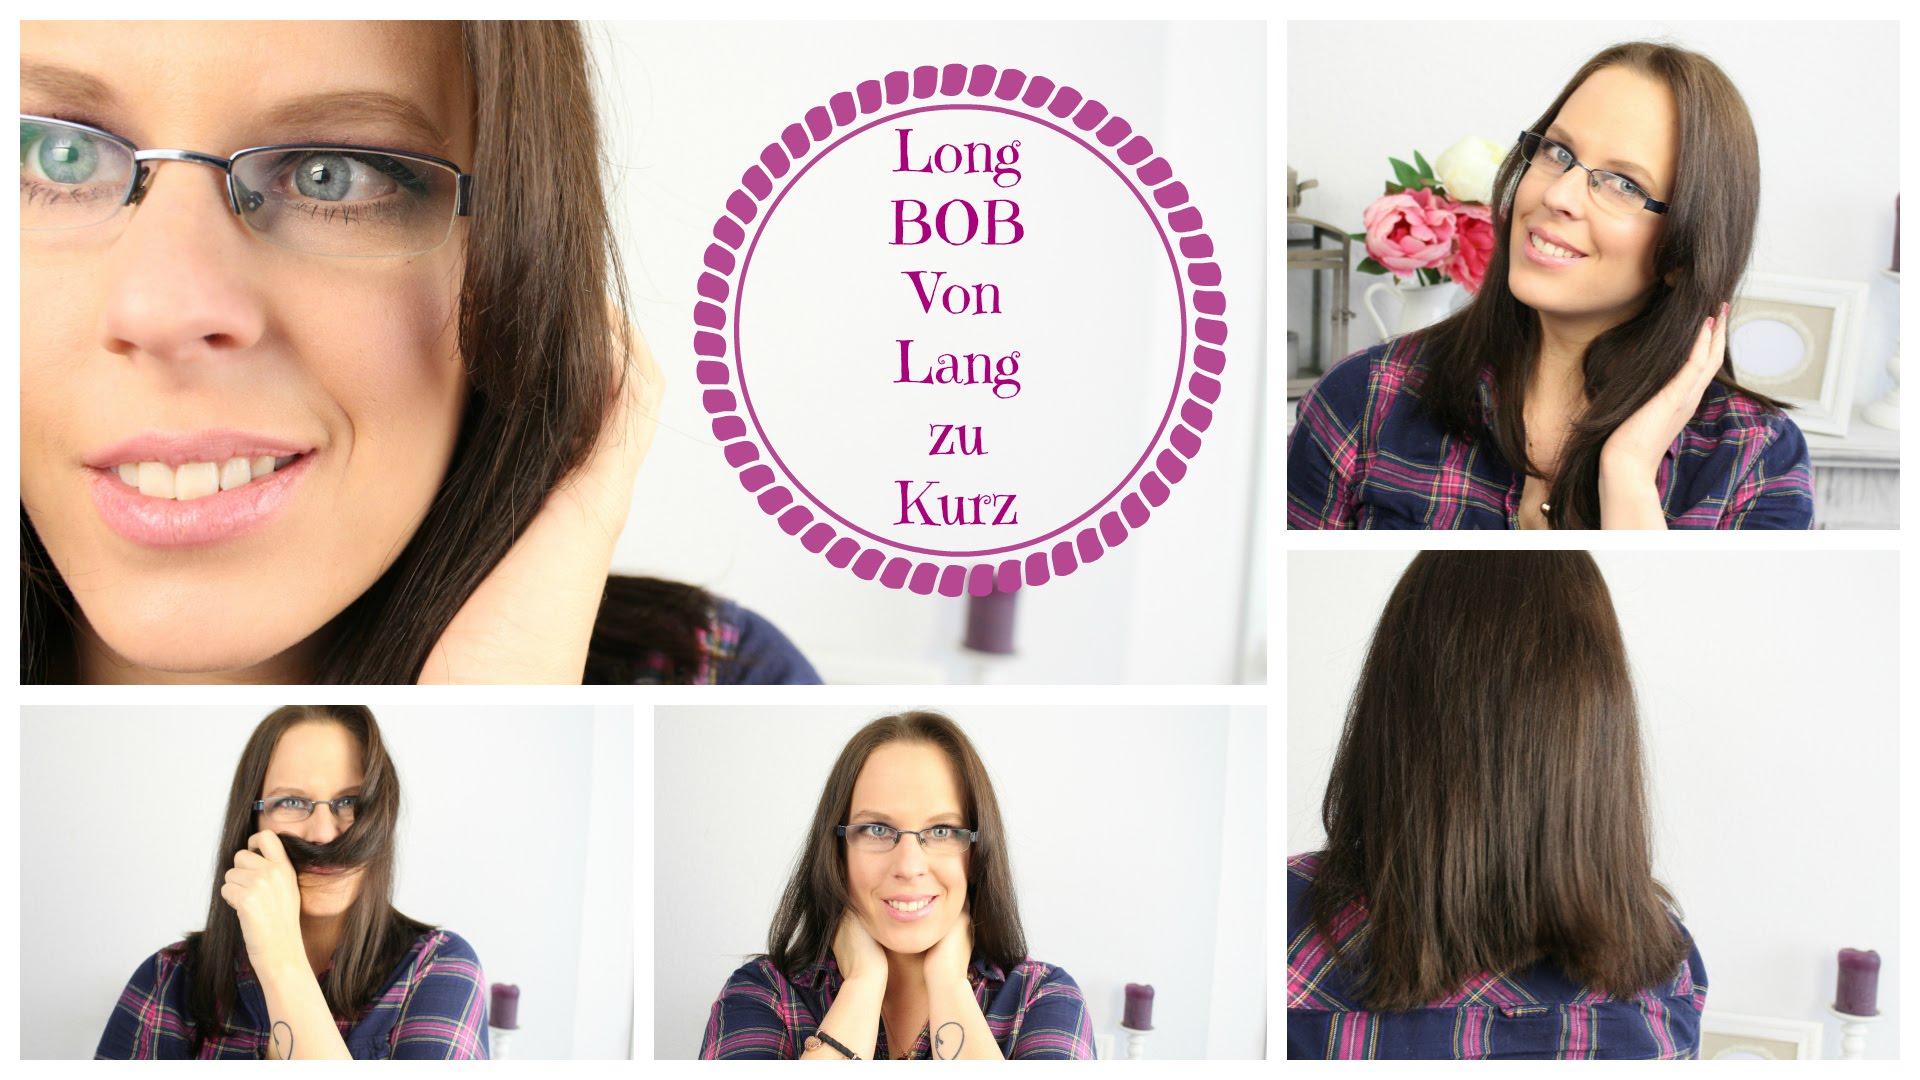 Haare Ab Asymmetrischer Long Bob Meine Neue Frisur Von Lang Zu Kurz Neue Frisur